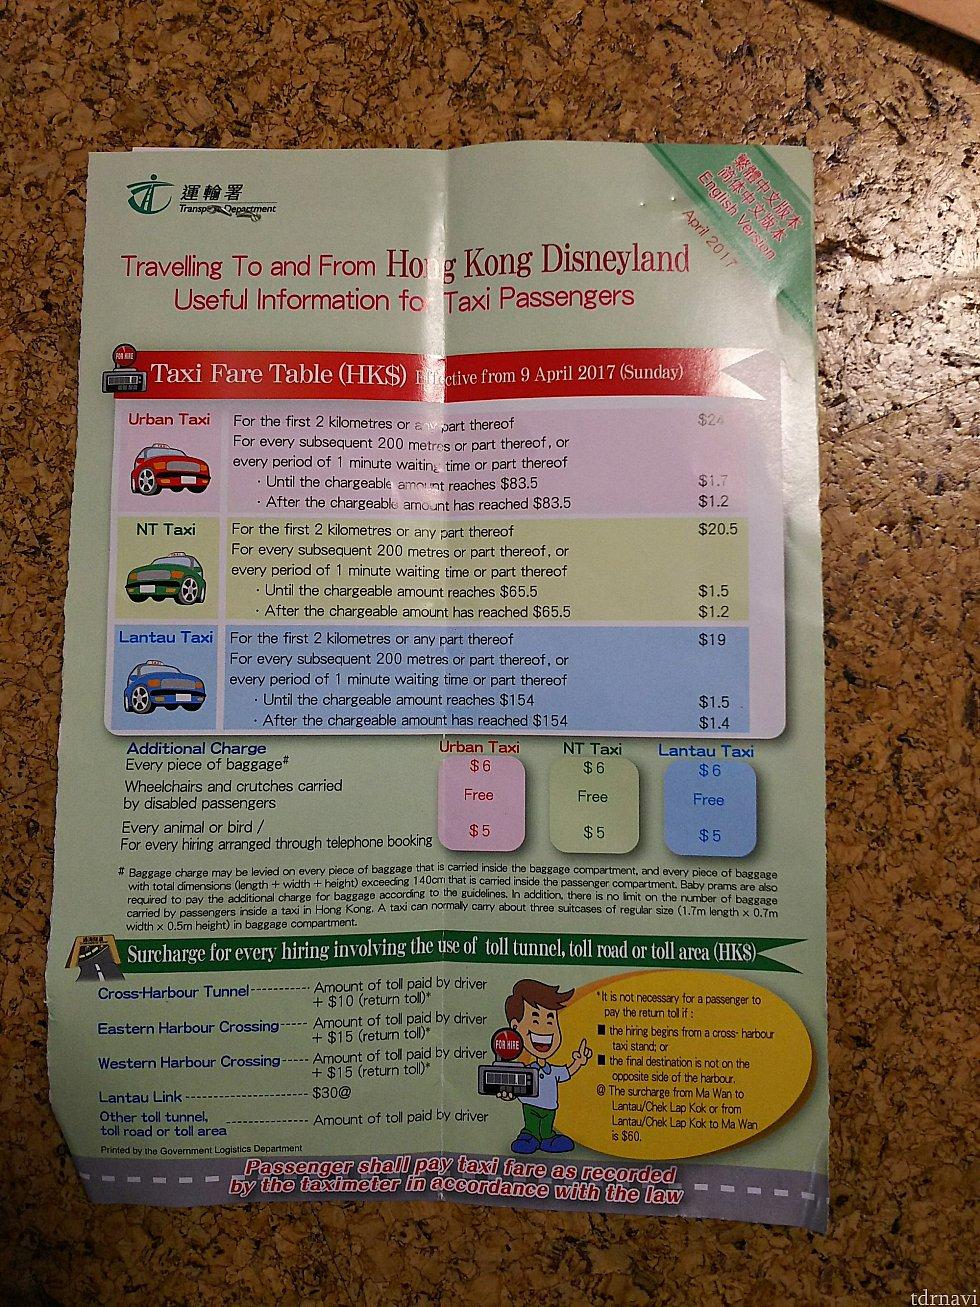 案内用紙の裏面には、それぞれのタクシーの初乗り利用とメーターの上がり方が記載されています。